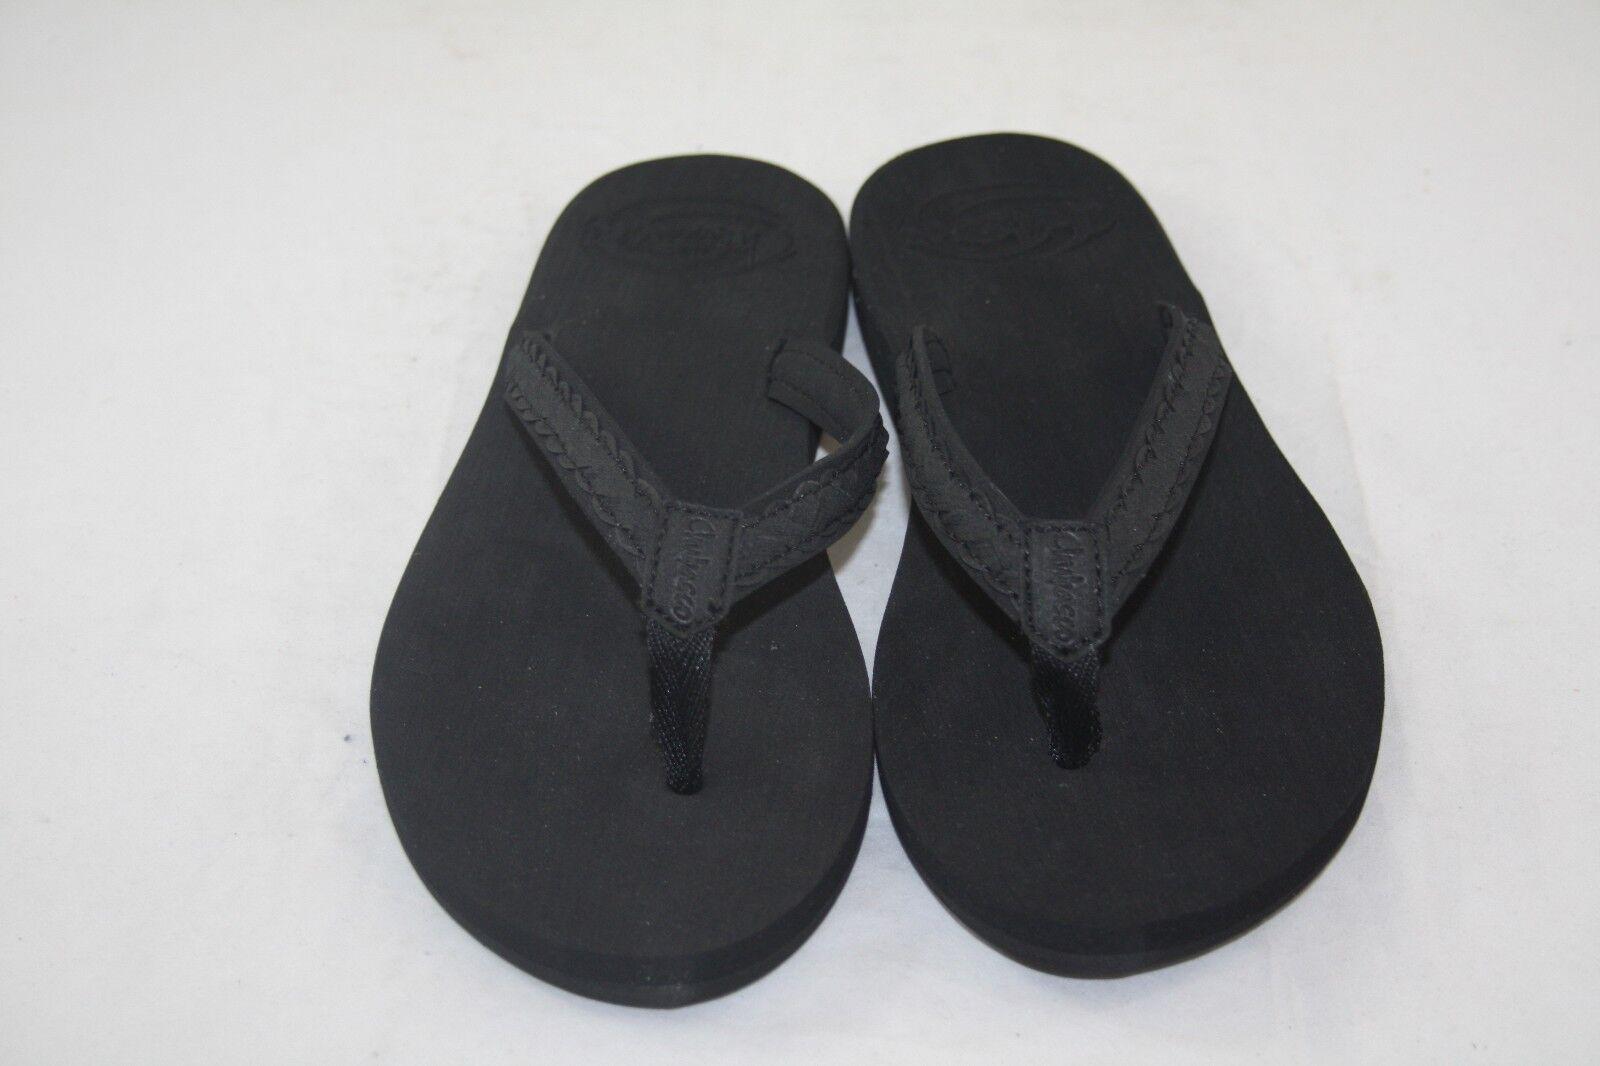 7b53353023de chubasco chubasco laguna la est sandale femme chaussure la part de dUwtqwAT